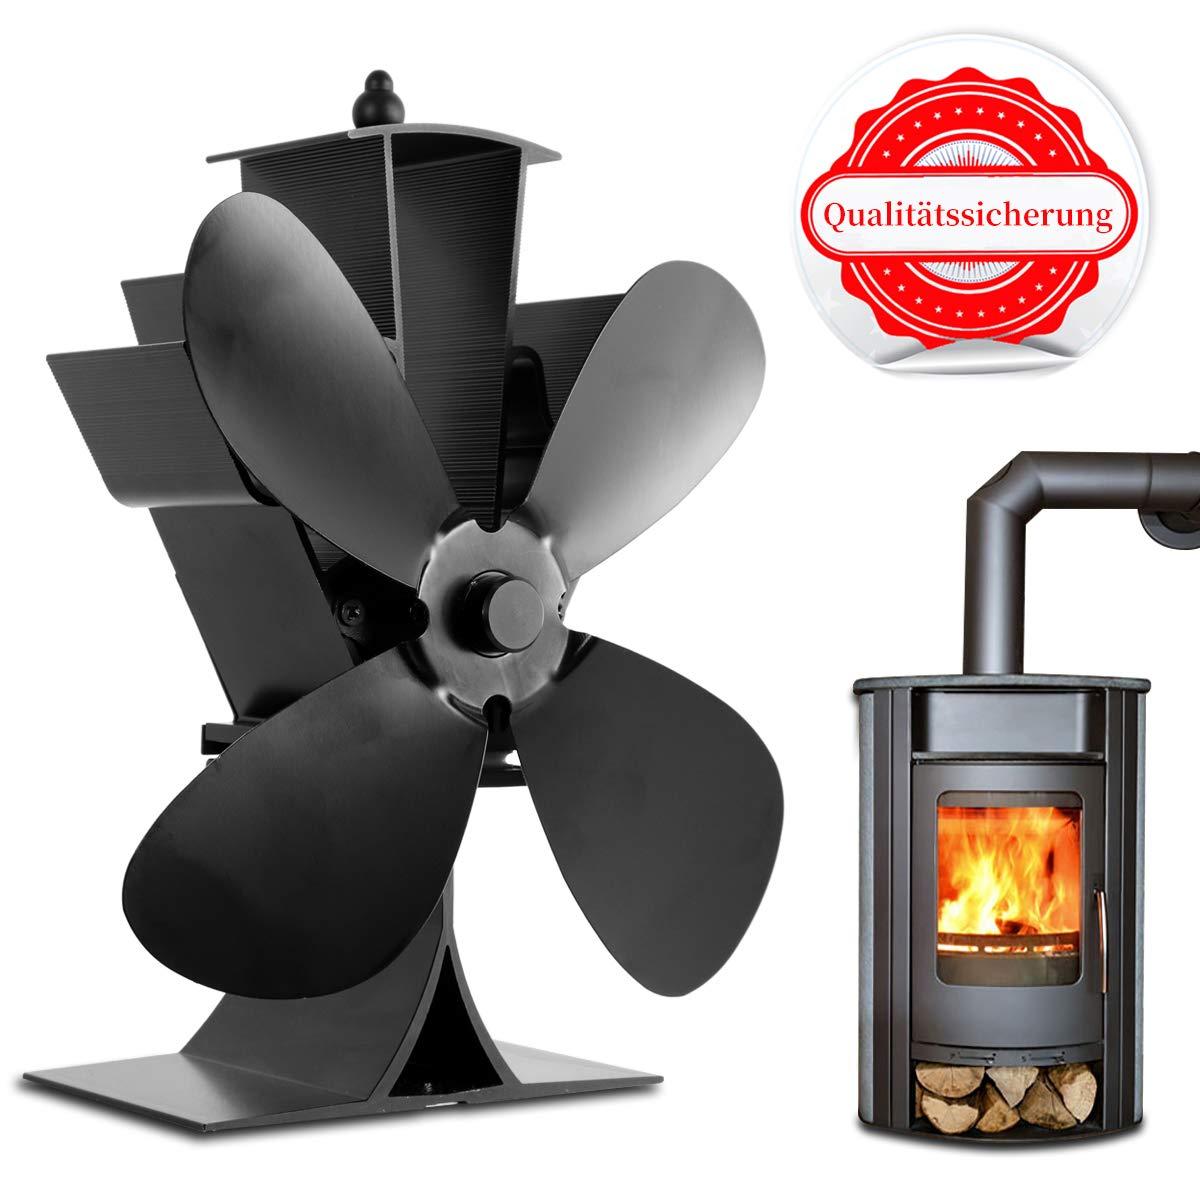 Orthland Ventilador de estufa de 4 palas Ventilador de le/ña//le/ña alimentado por calor Ventilador ecol/ógico Circulaci/ón de calor para le/ña//le/ña//chimenea